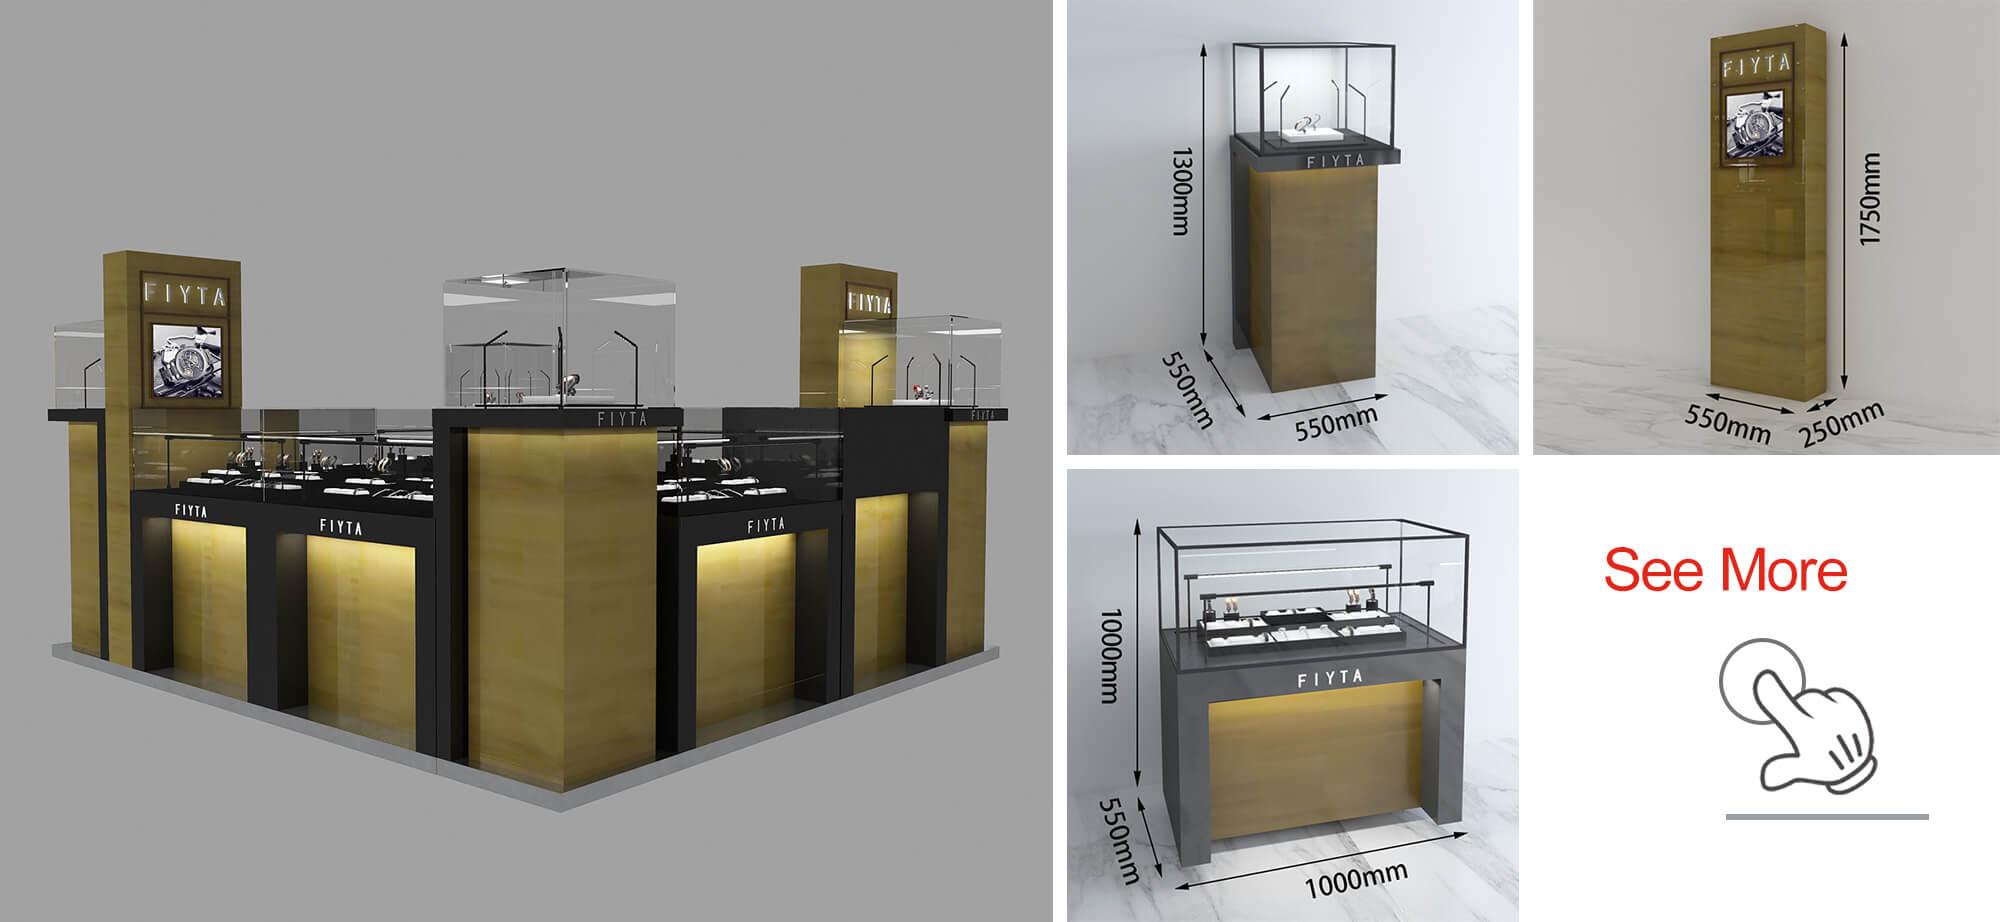 FIYTA watch kiosk renderings and display cabinets